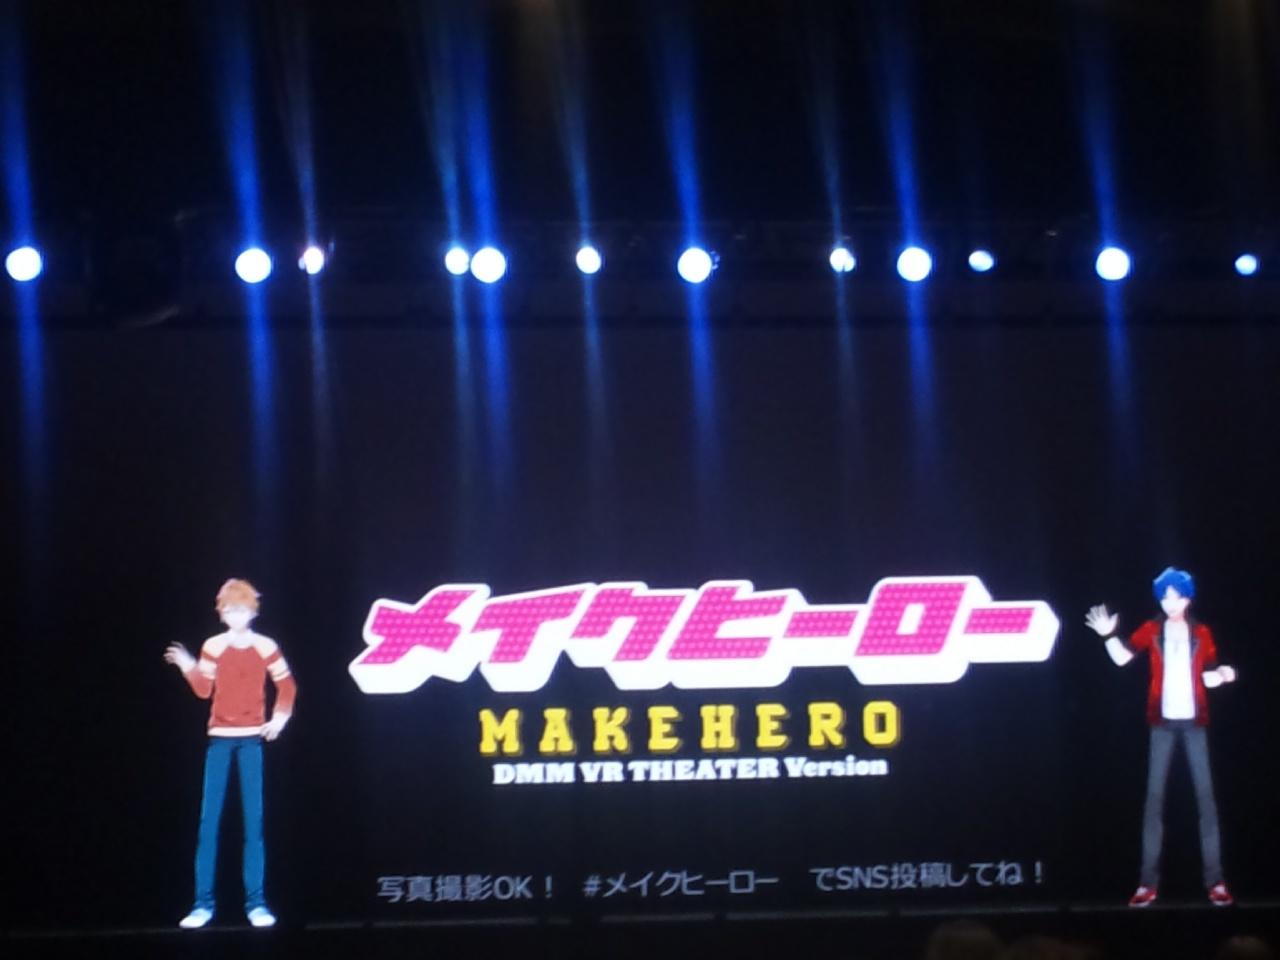 メイクヒーロー!